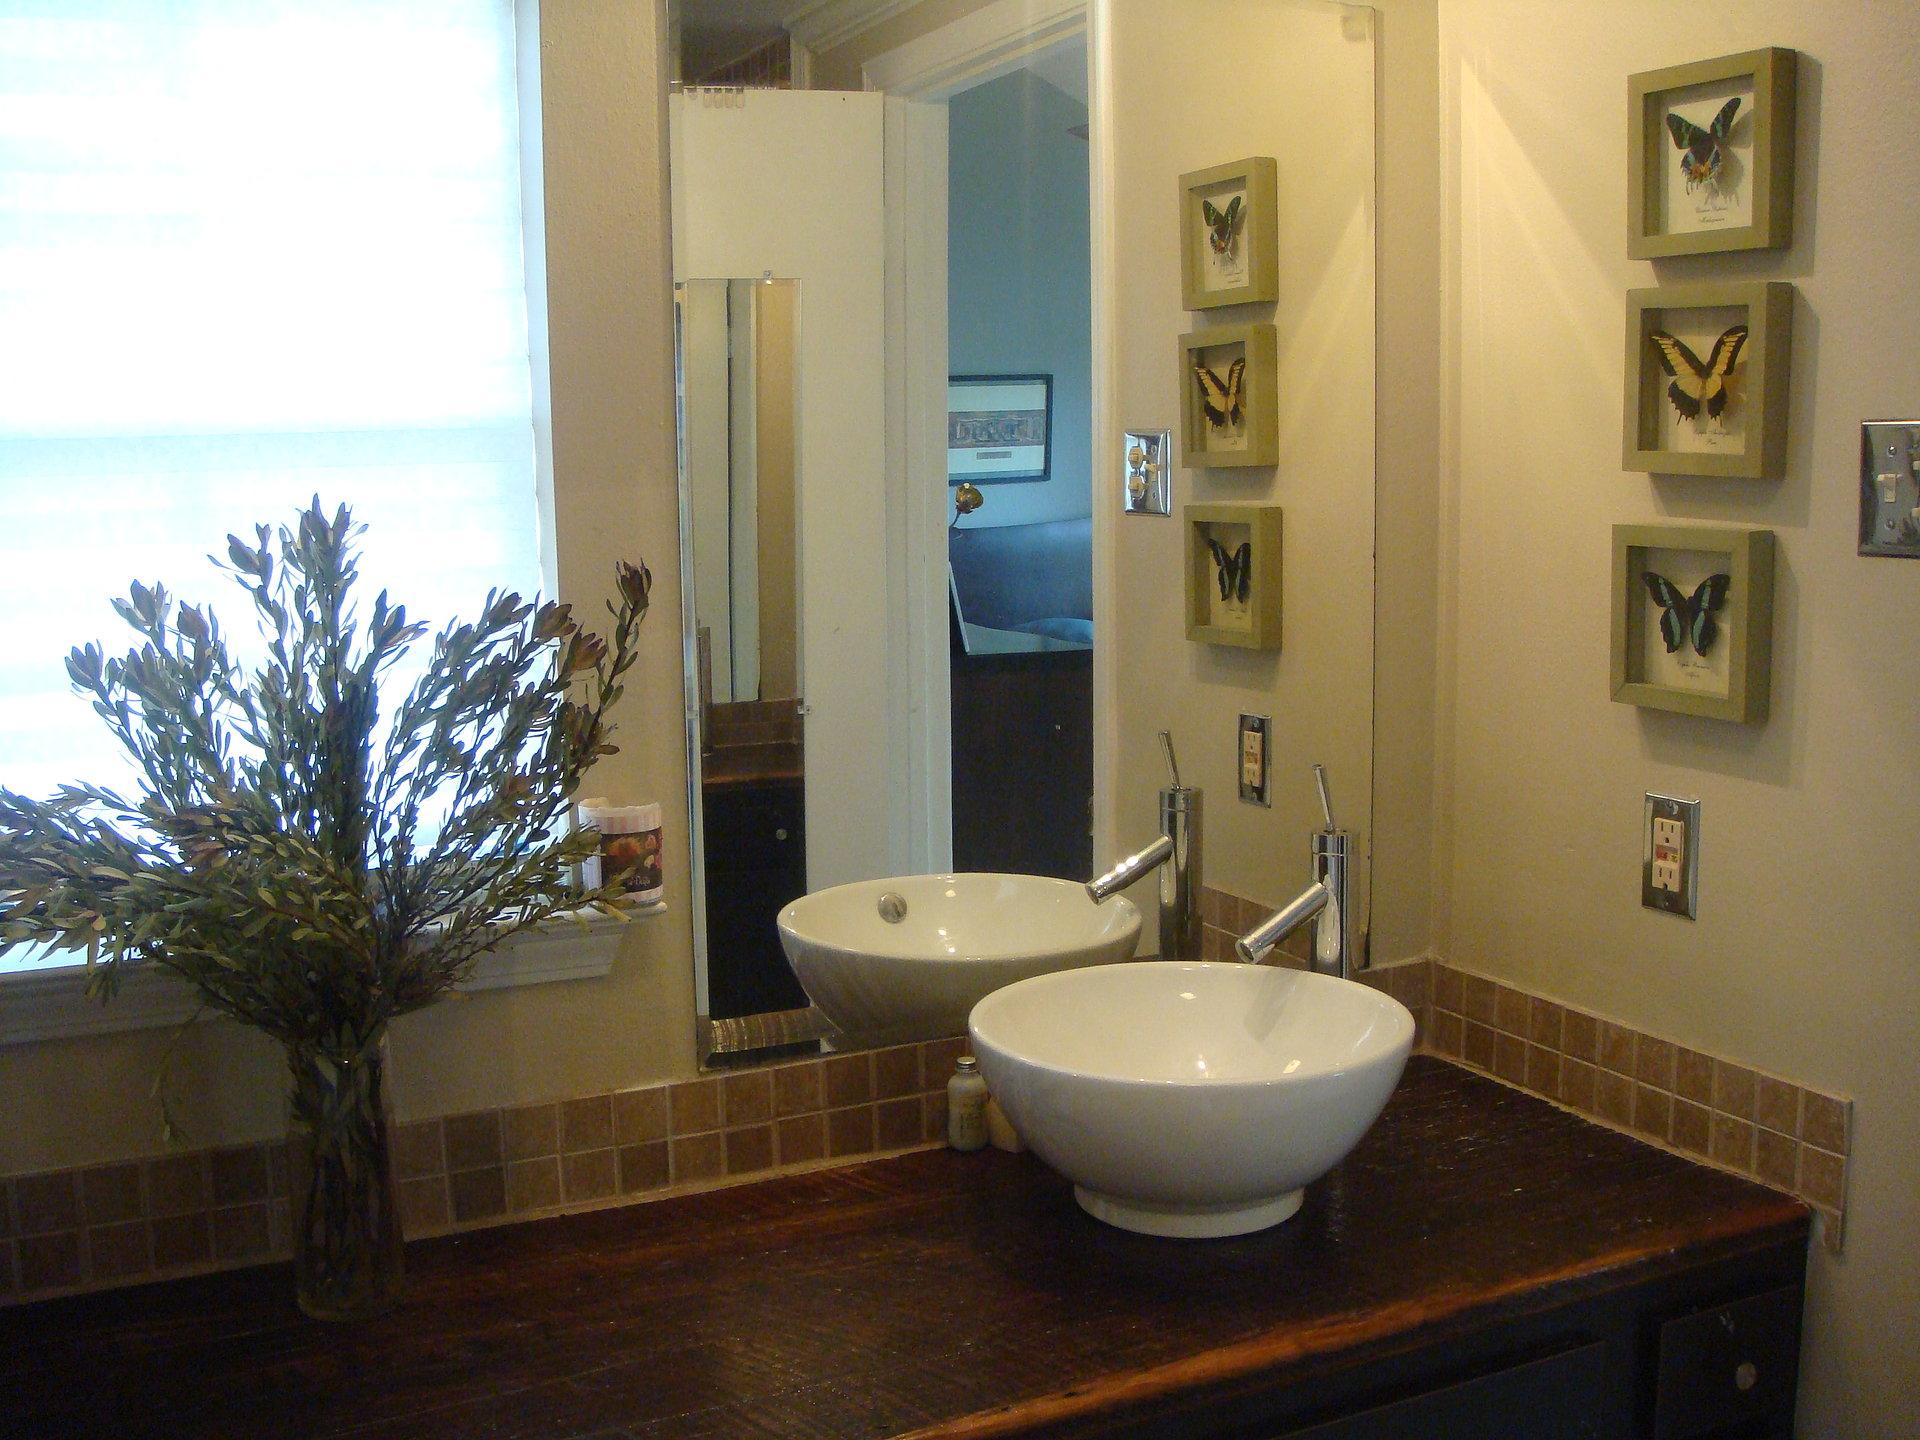 311+Calhoun+bathroom.JPG